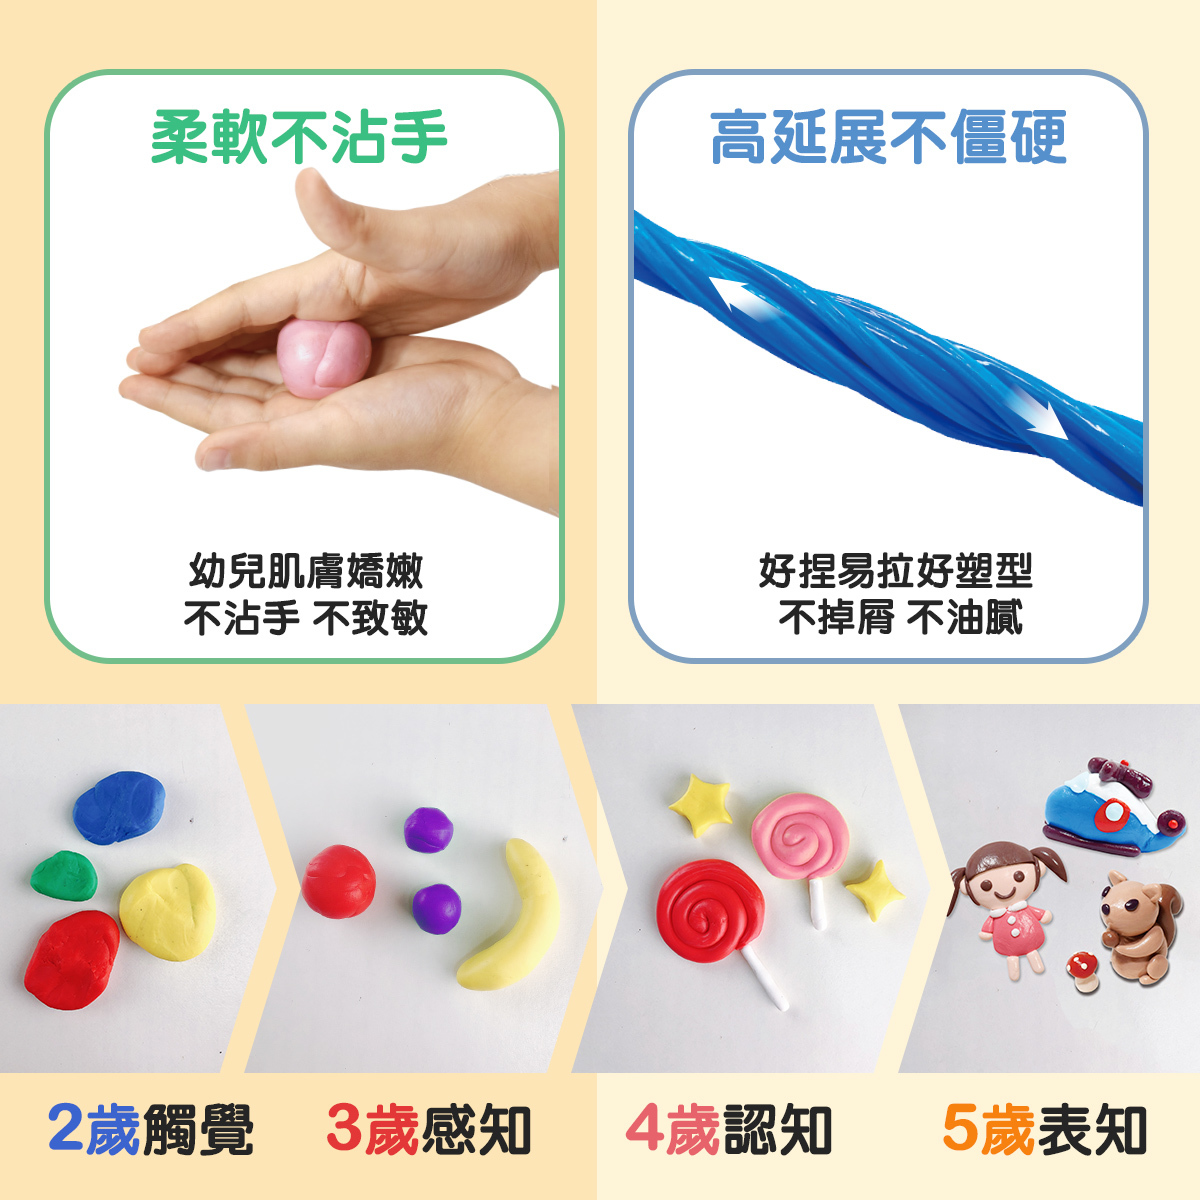 台灣製的Qdoh黏土更不用擔心安全問題